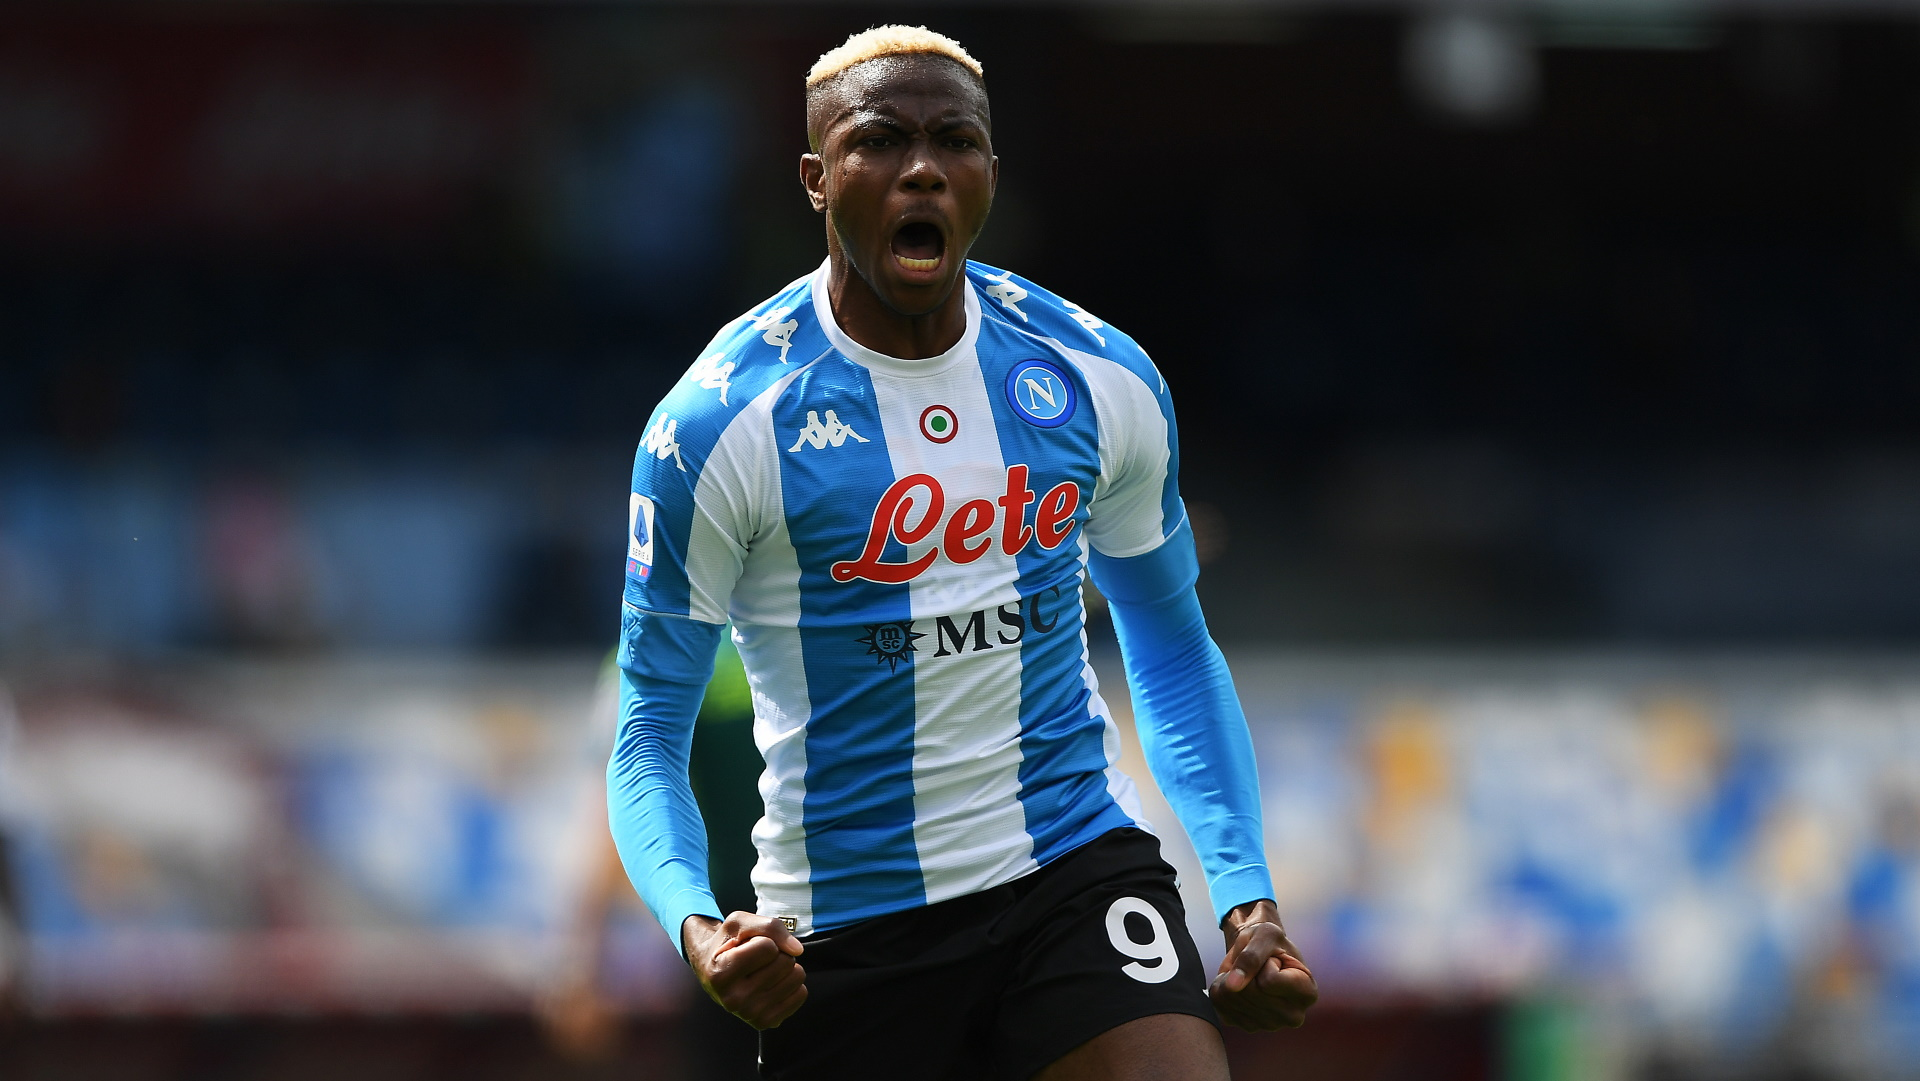 Osimhen scores four goals as Napoli beat Anaunia 12-0